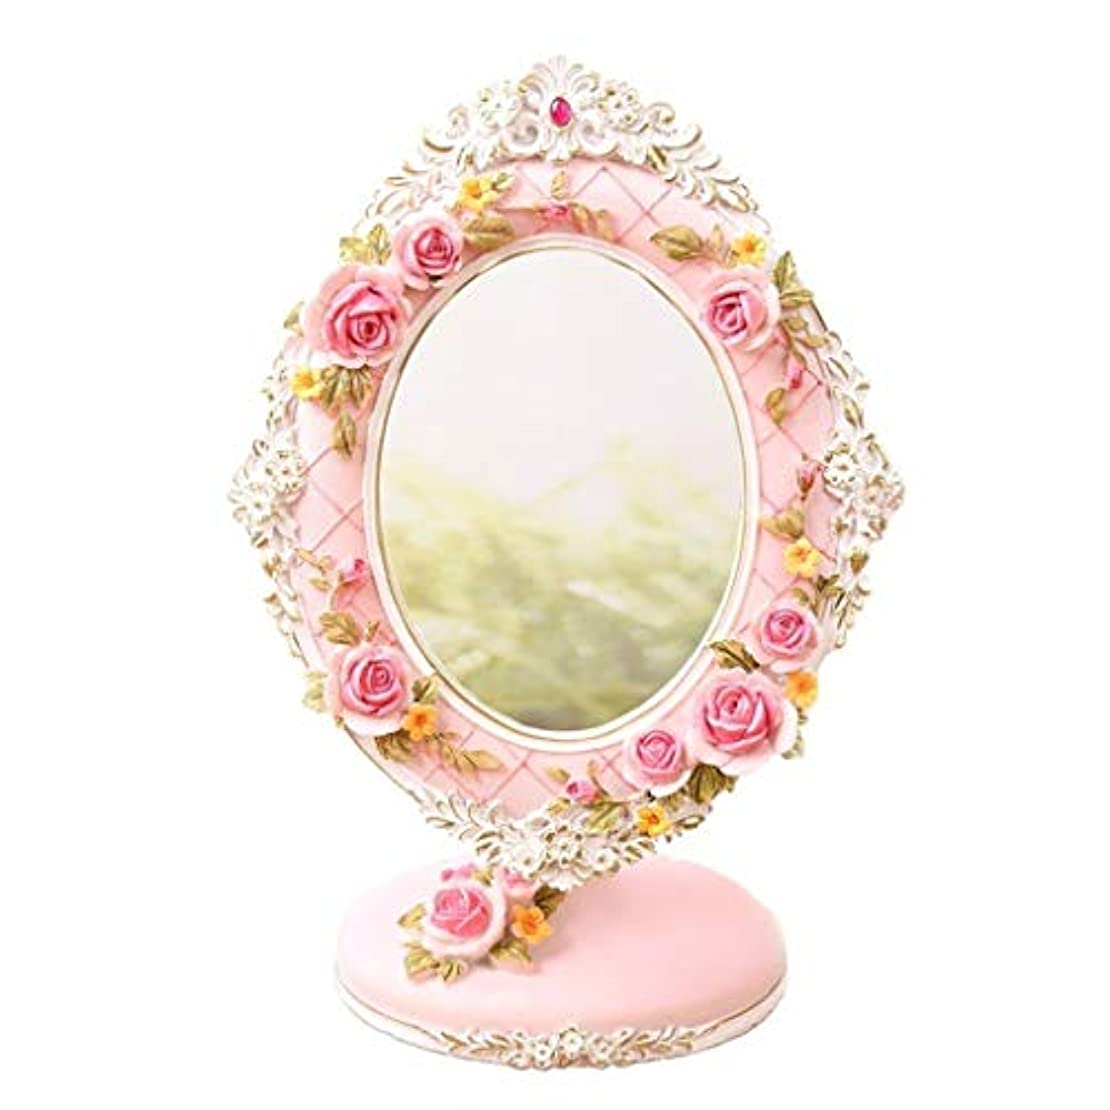 インレイ昨日手錠Selm 化粧のためのデスクトップミラー、自然光72度回転自立化粧台ベッドルームに適し、バラの彫刻